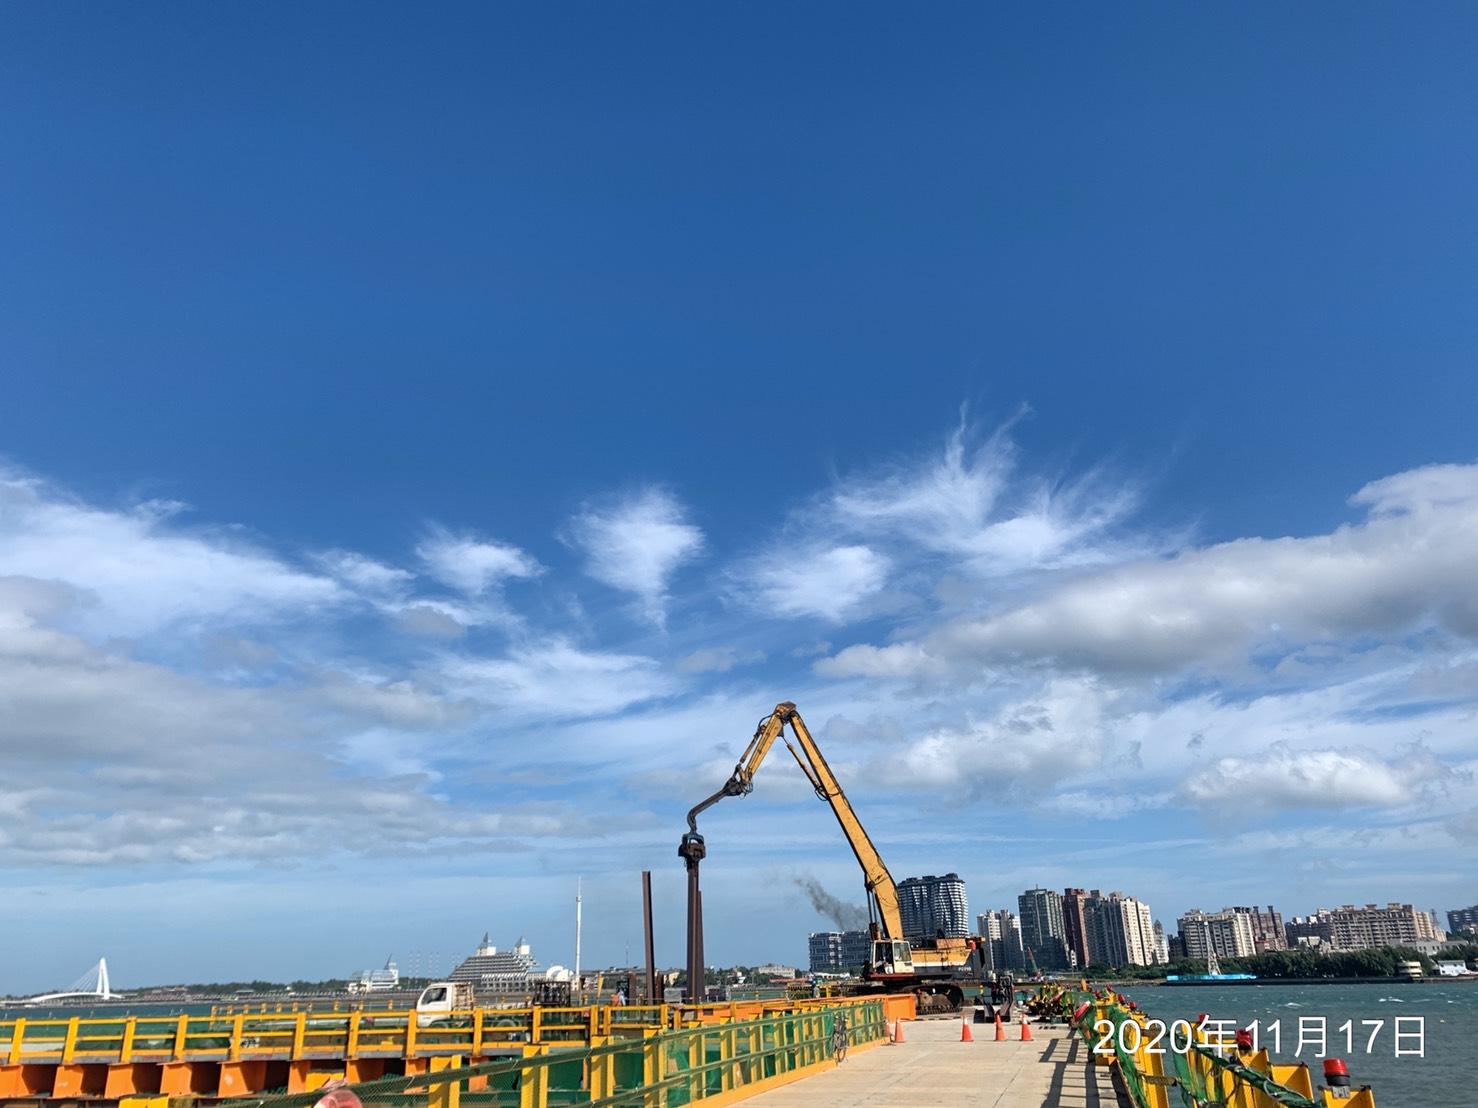 八里端施工便橋P120構台與便橋連接通道立柱打設